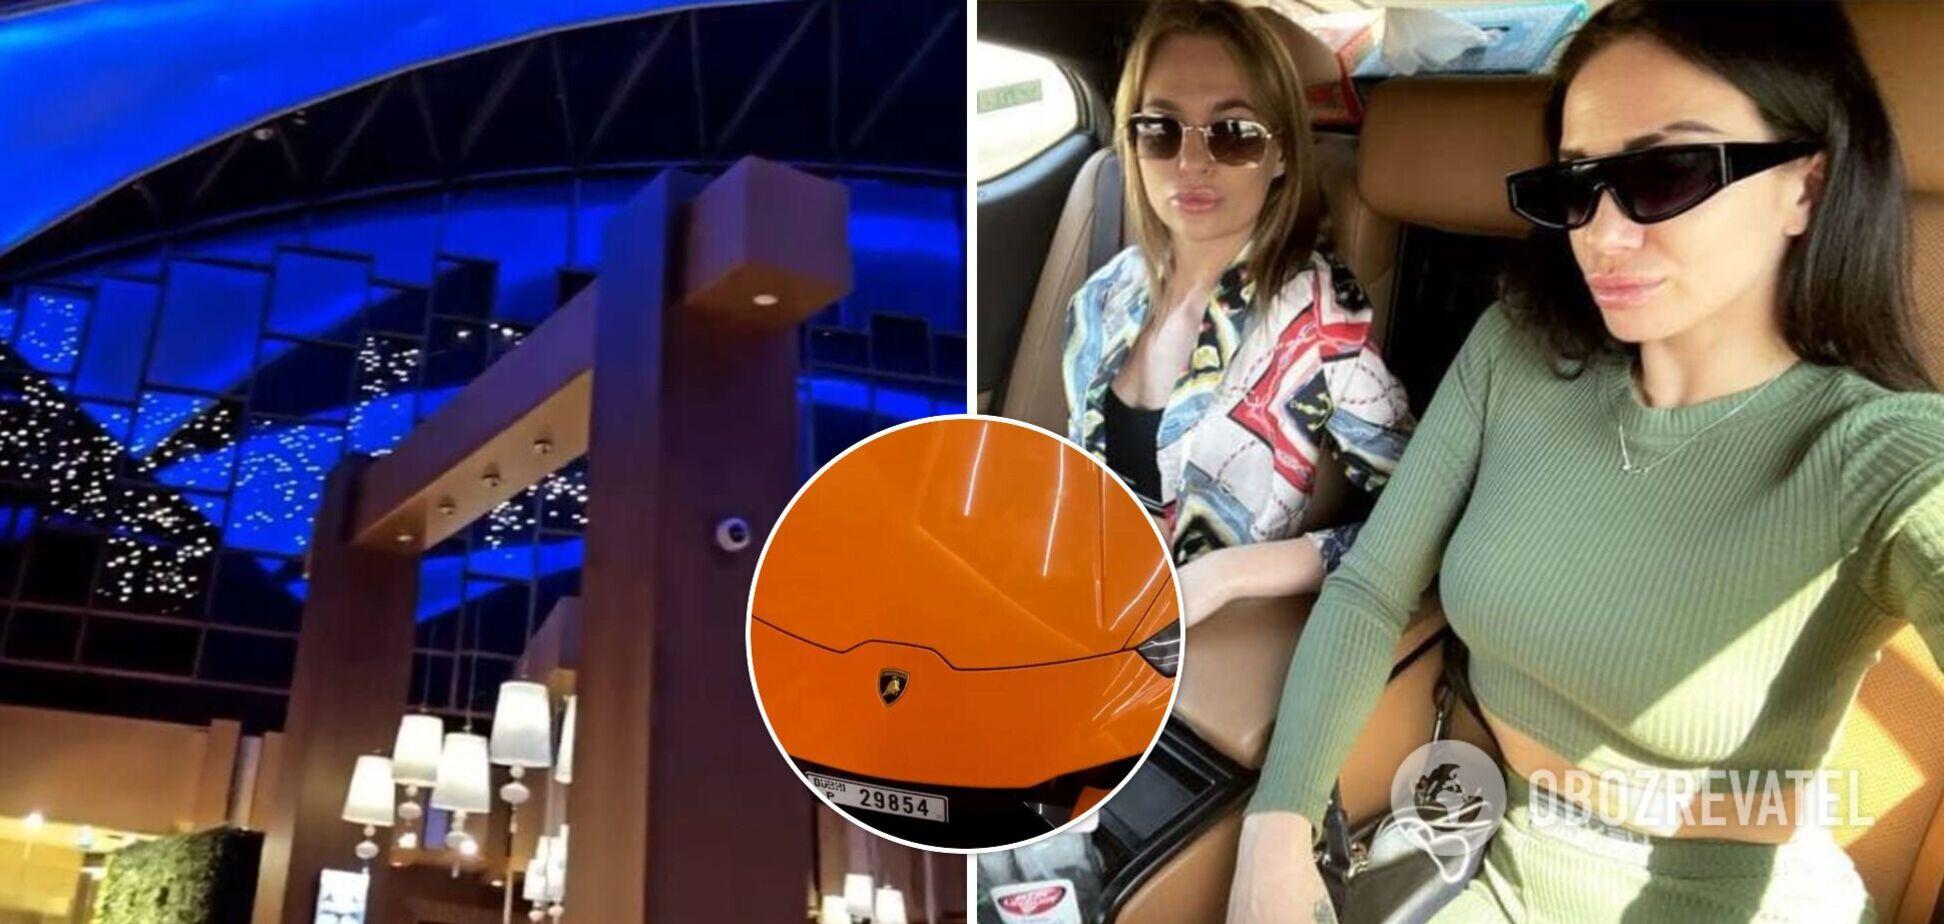 Одна из арестованных украинок в ОАЭ предметно показала свою поездку в Дубай: от аэропорта до шикарных авто и отелей